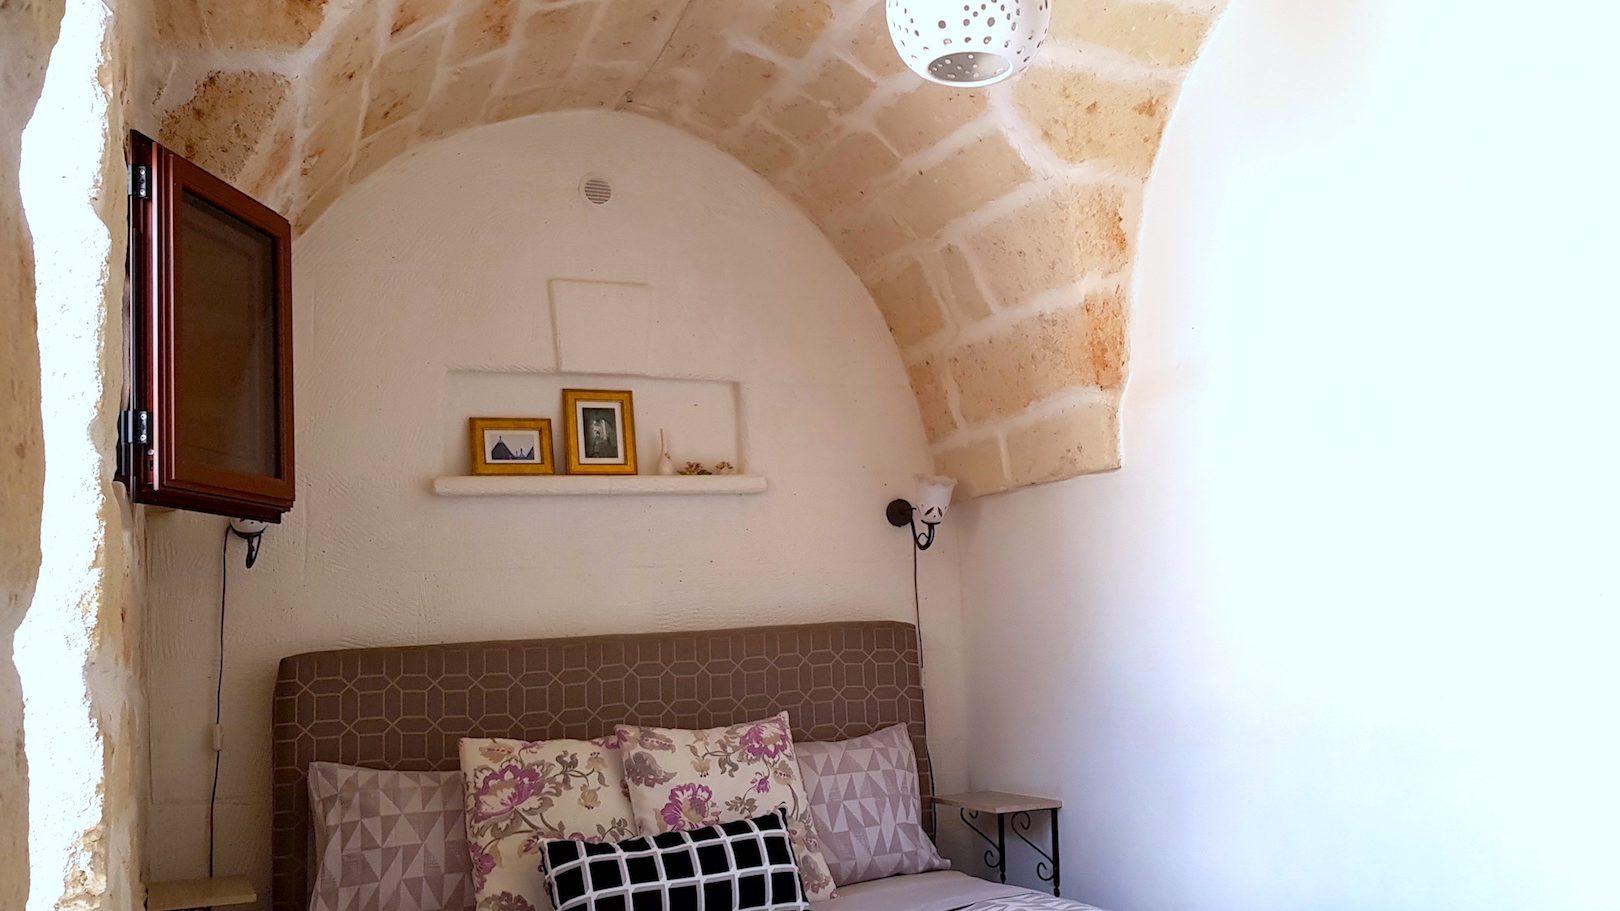 Bedroom at Casa dei Fiori holiday vacation rental home in Ostuni Puglia